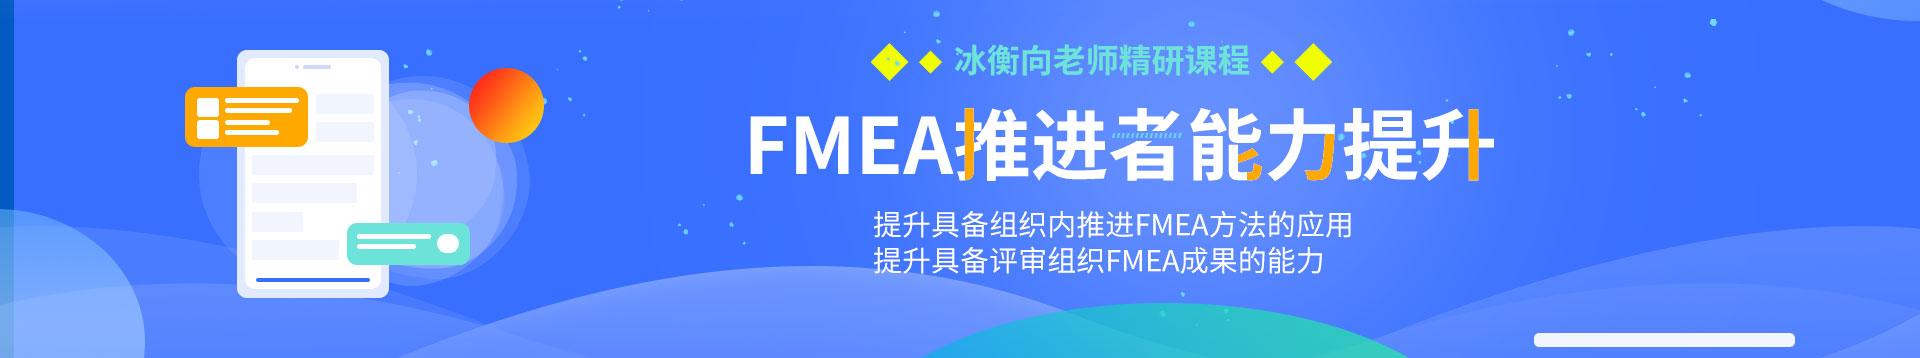 FMEA推进者(FMEA工程师)能力提升高级培训